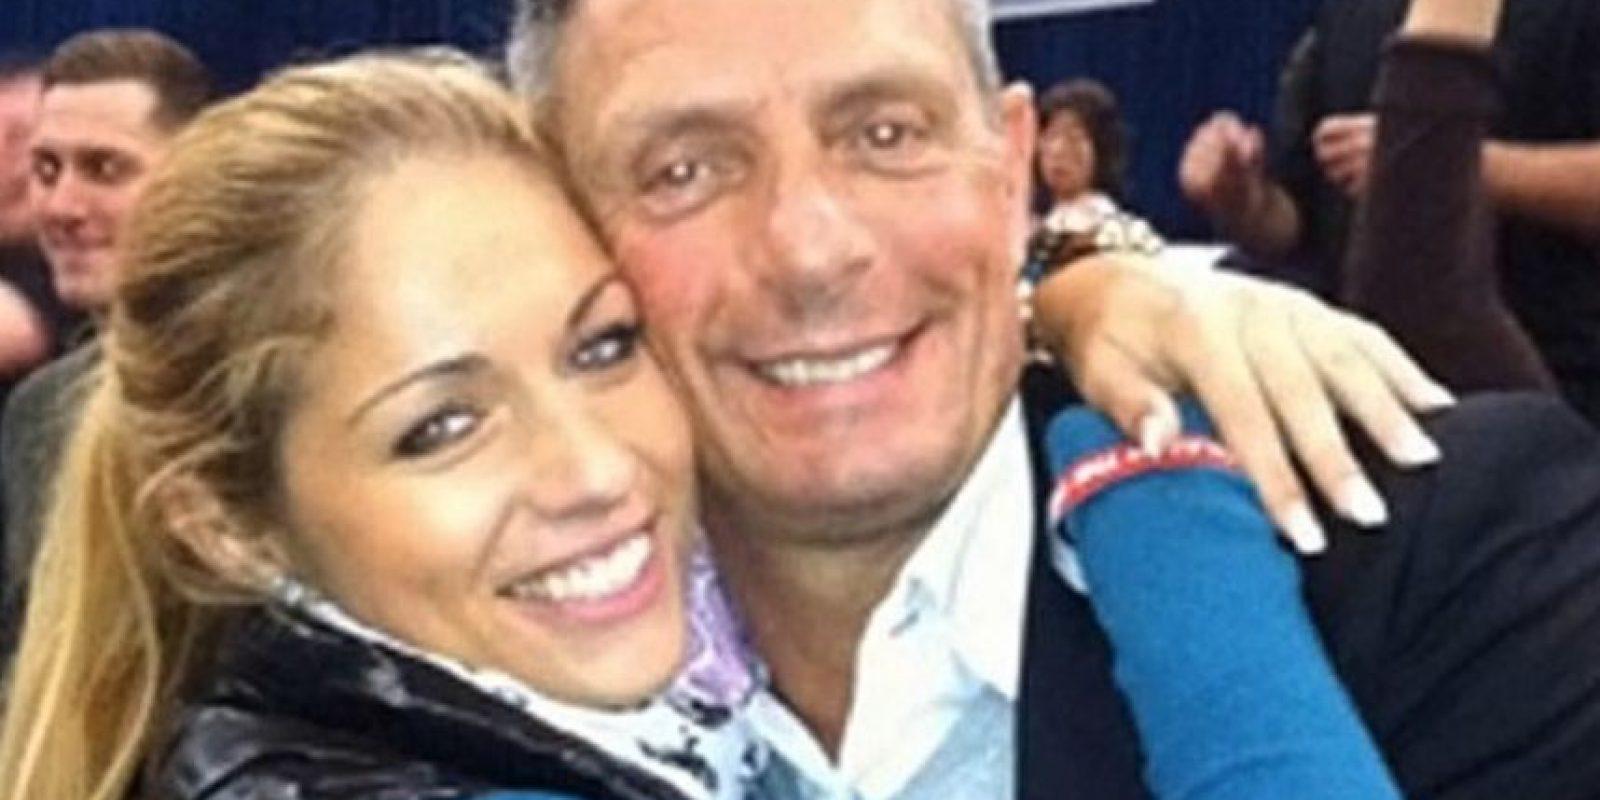 Ambos parecían muy felices Foto:Vía Twitter. Imagen Por: